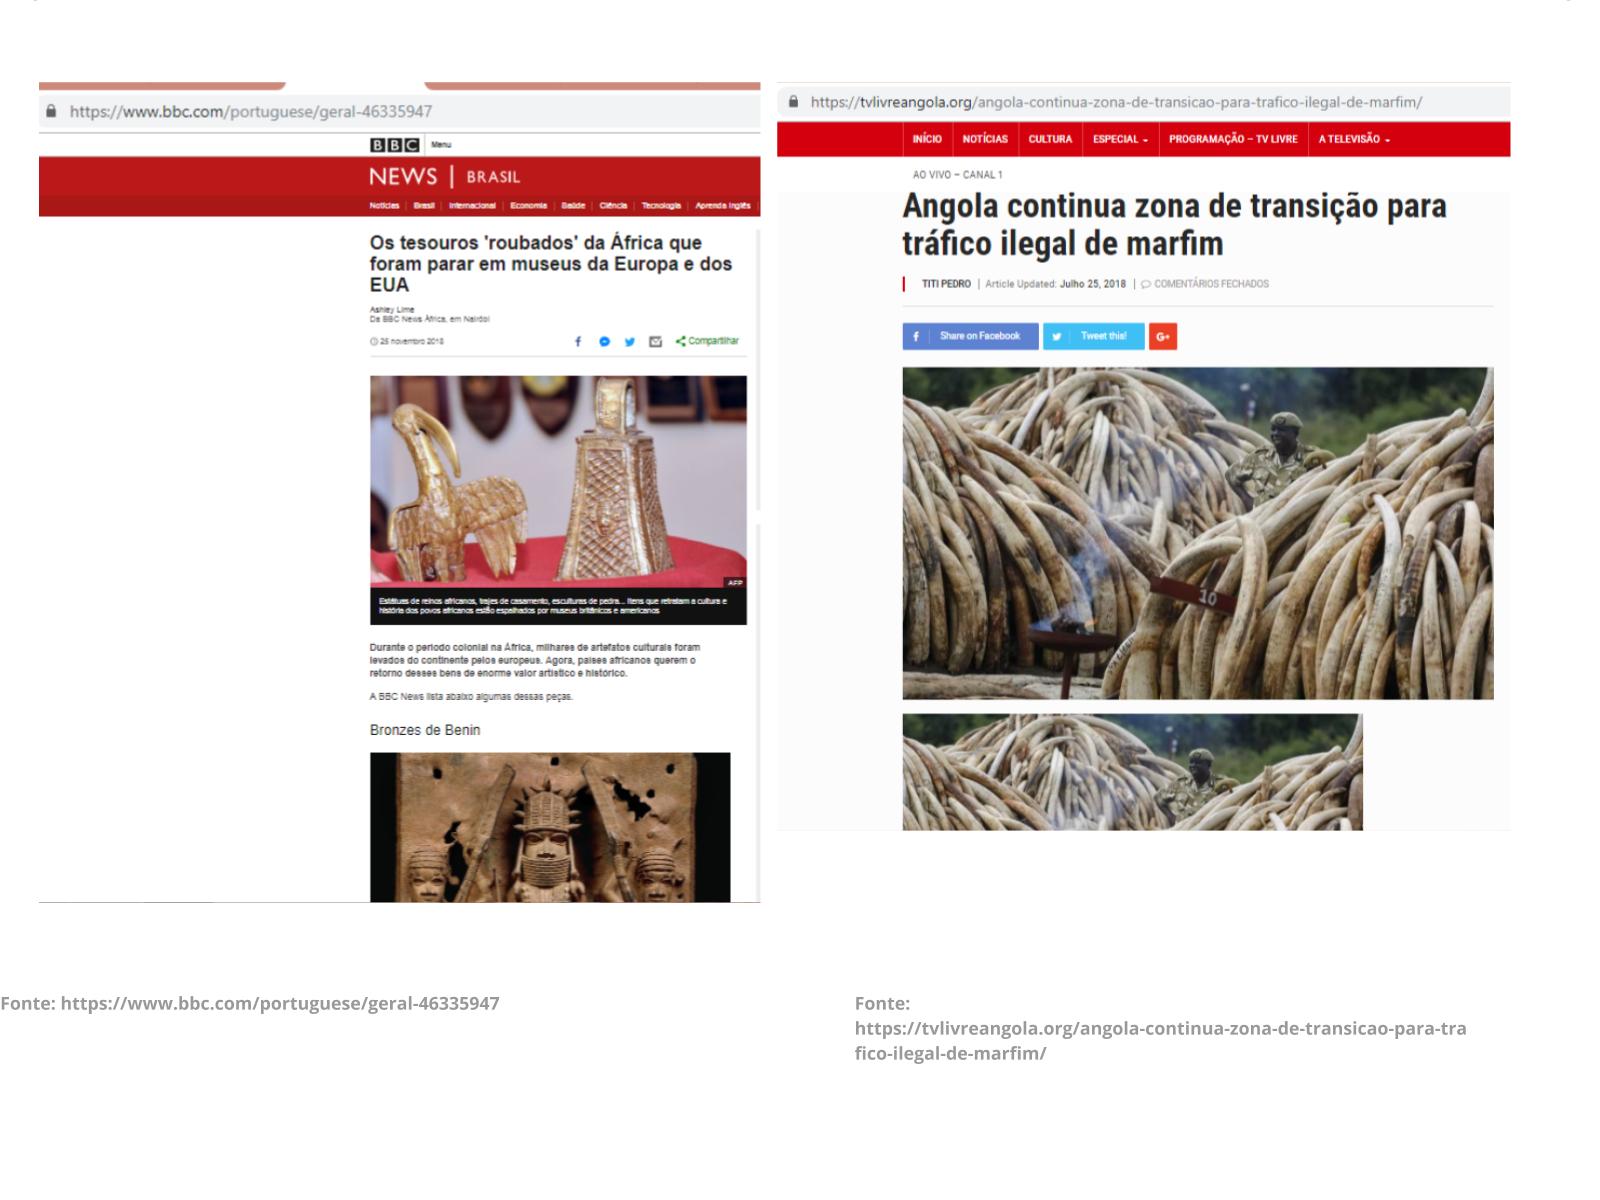 """""""O que tiraram de nós"""": exploração imperialista europeia sobre o marfim africano"""